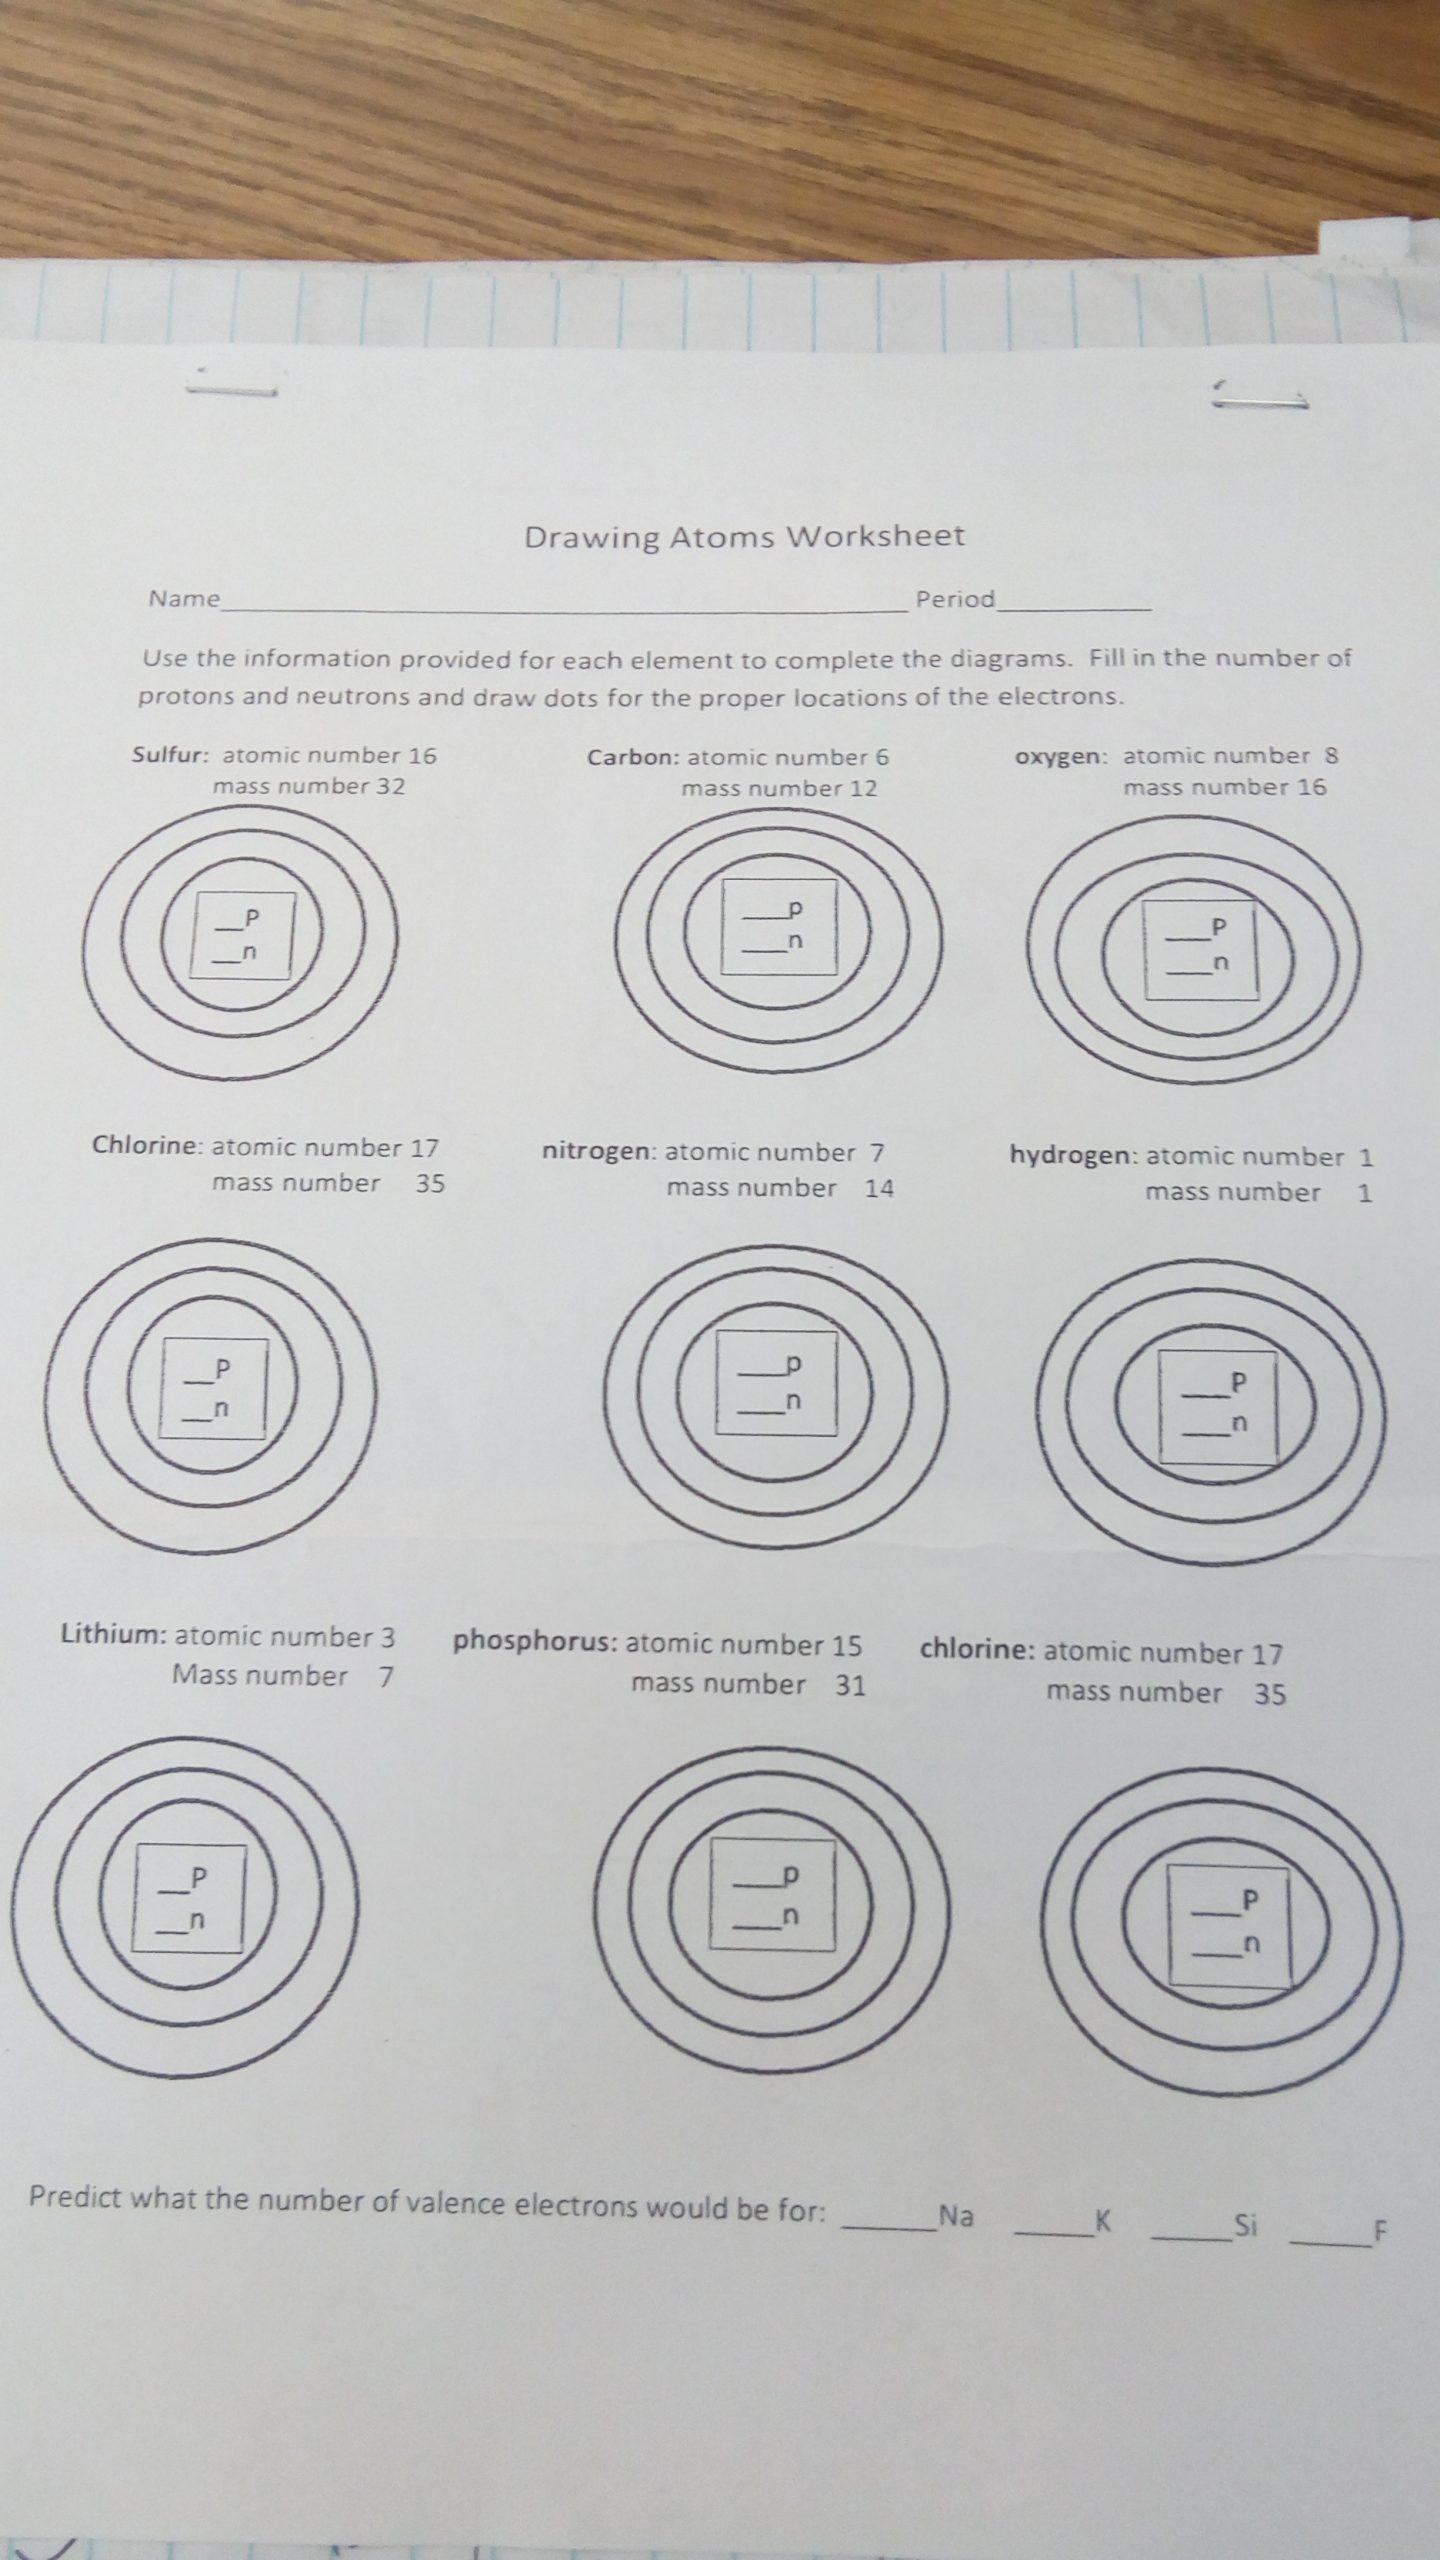 drawing atoms worksheet 1